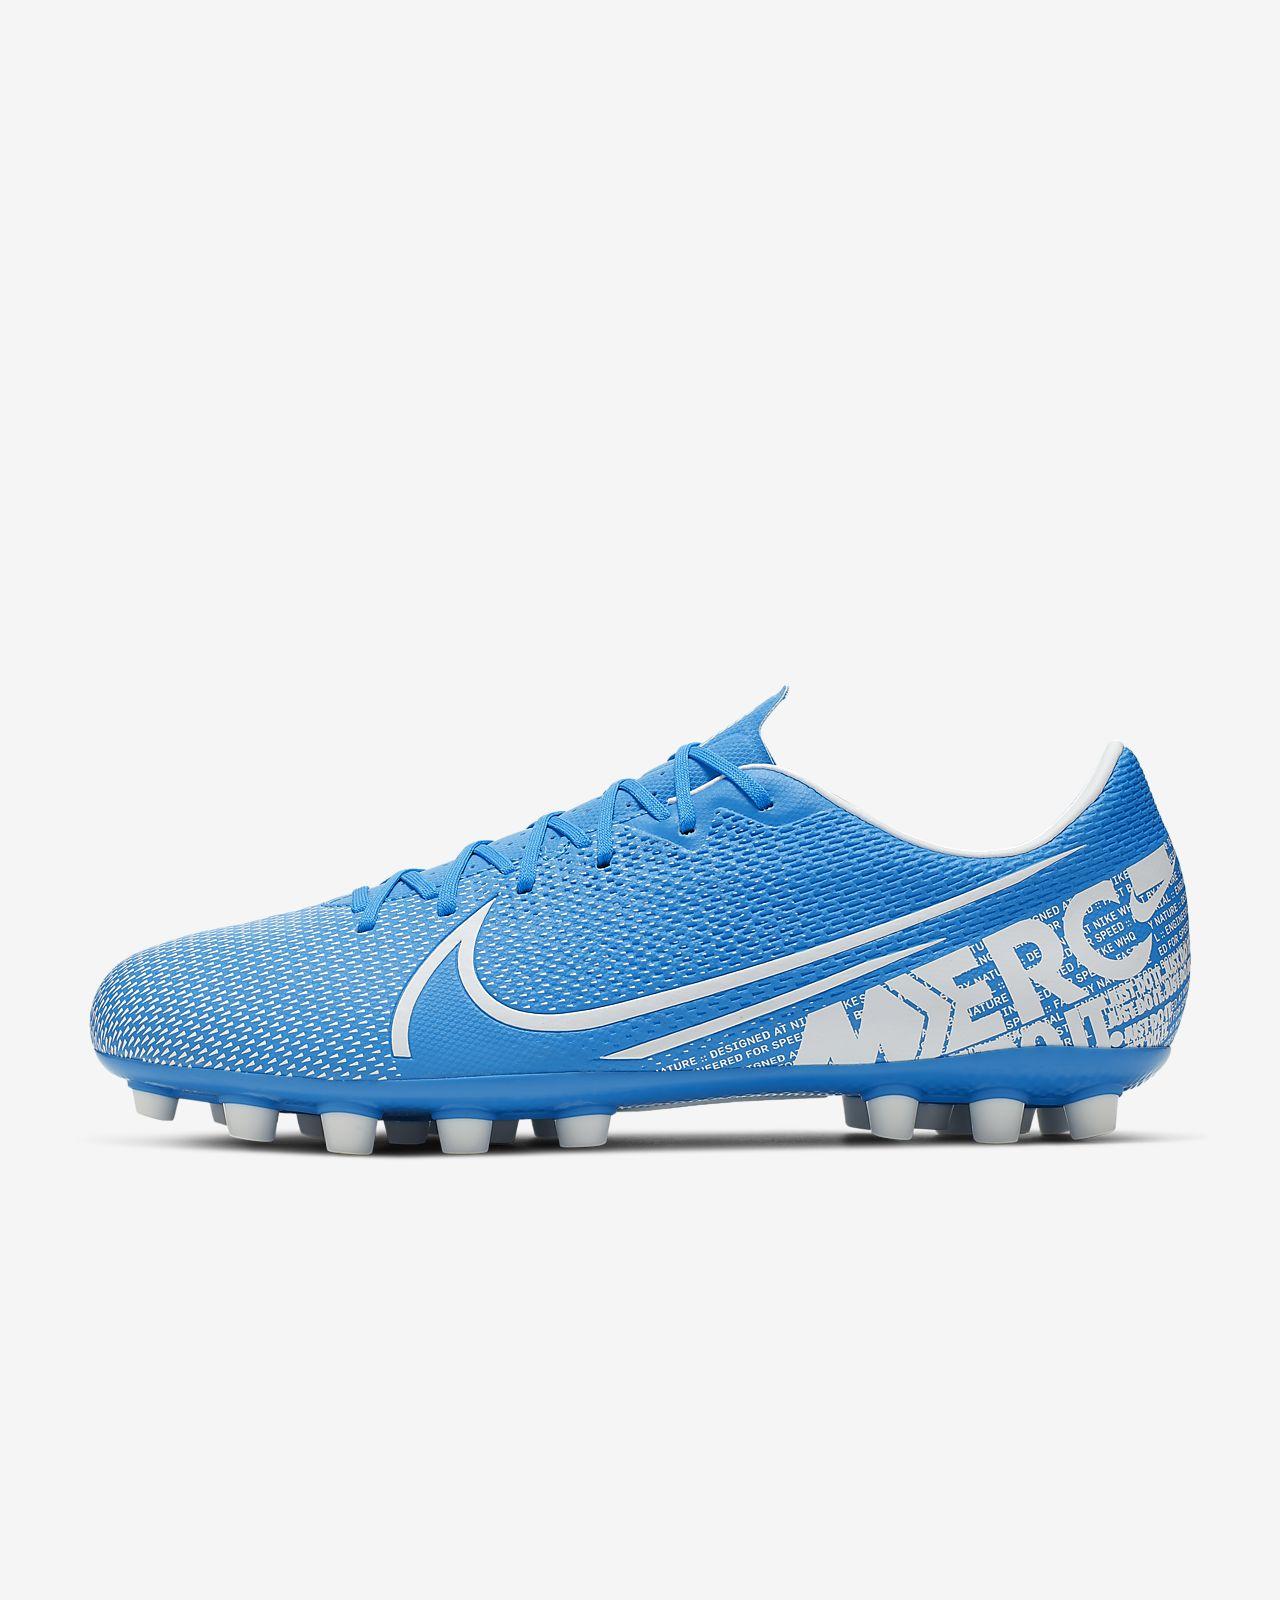 Nike Zapato Futbol Mercurial Victory